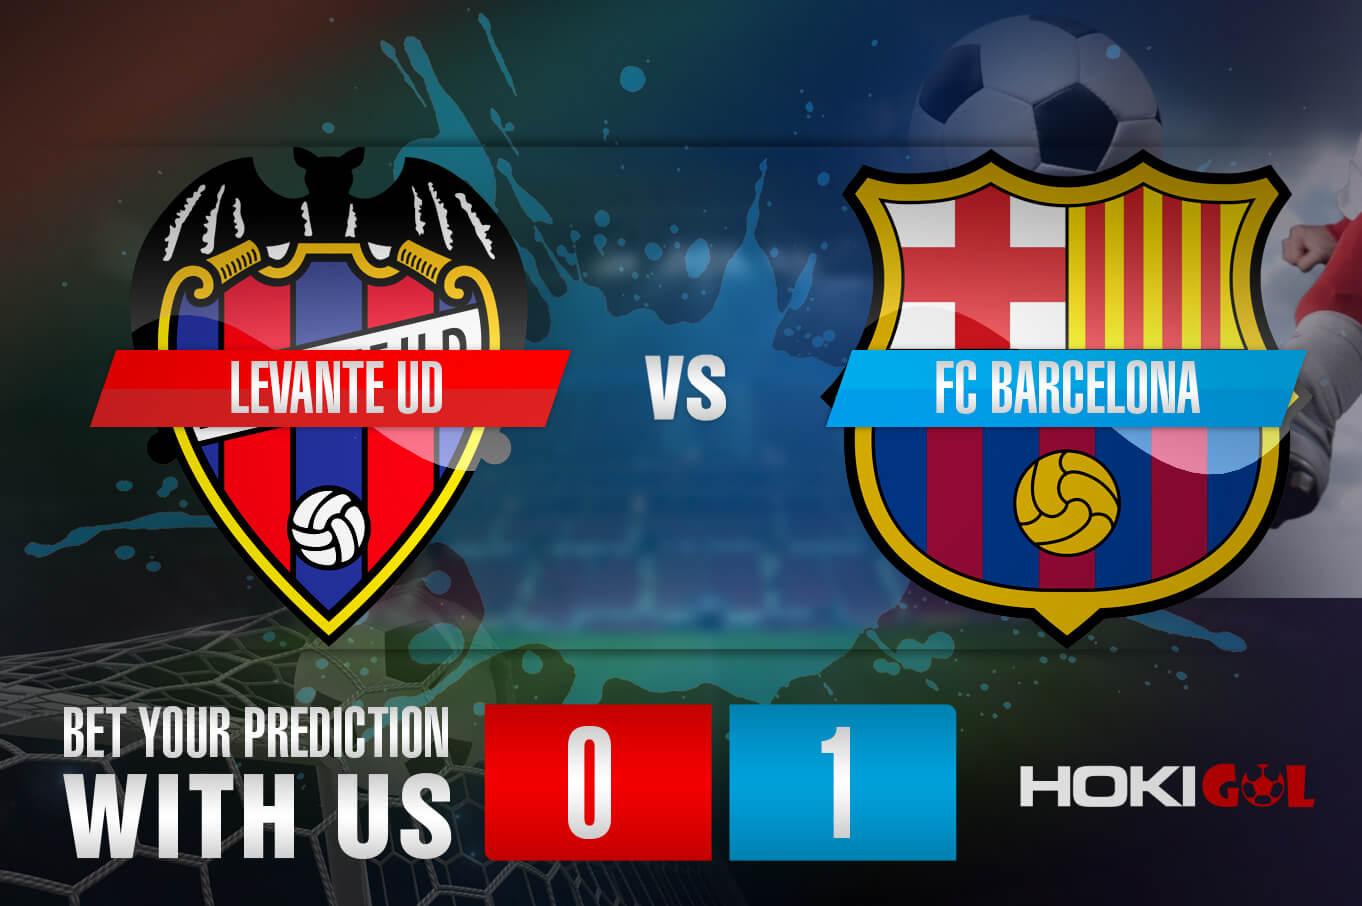 Prediksi Bola Levante UD Vs FC Barcelona 12 Mei 2021